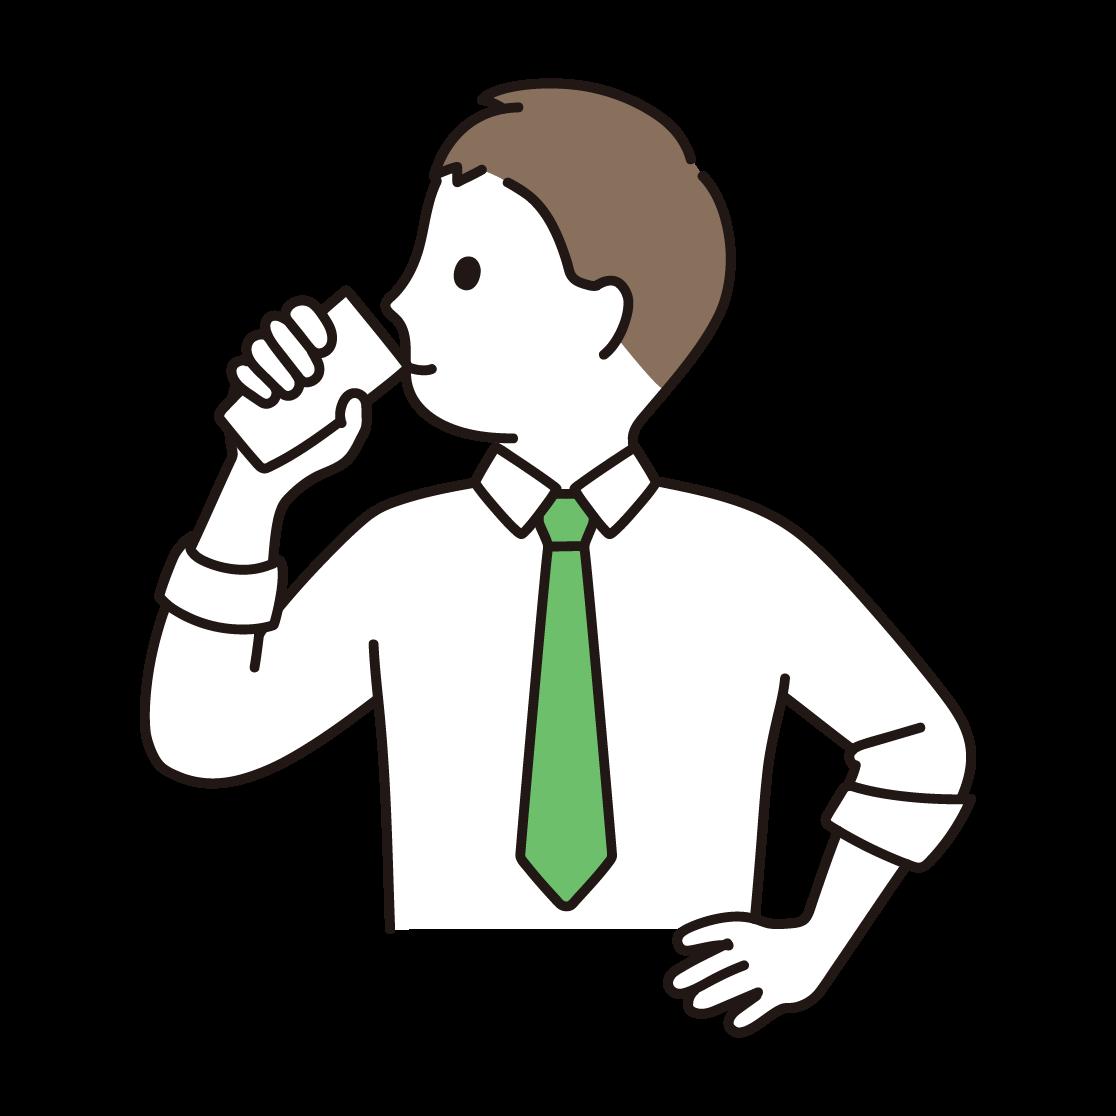 牛乳を飲む人